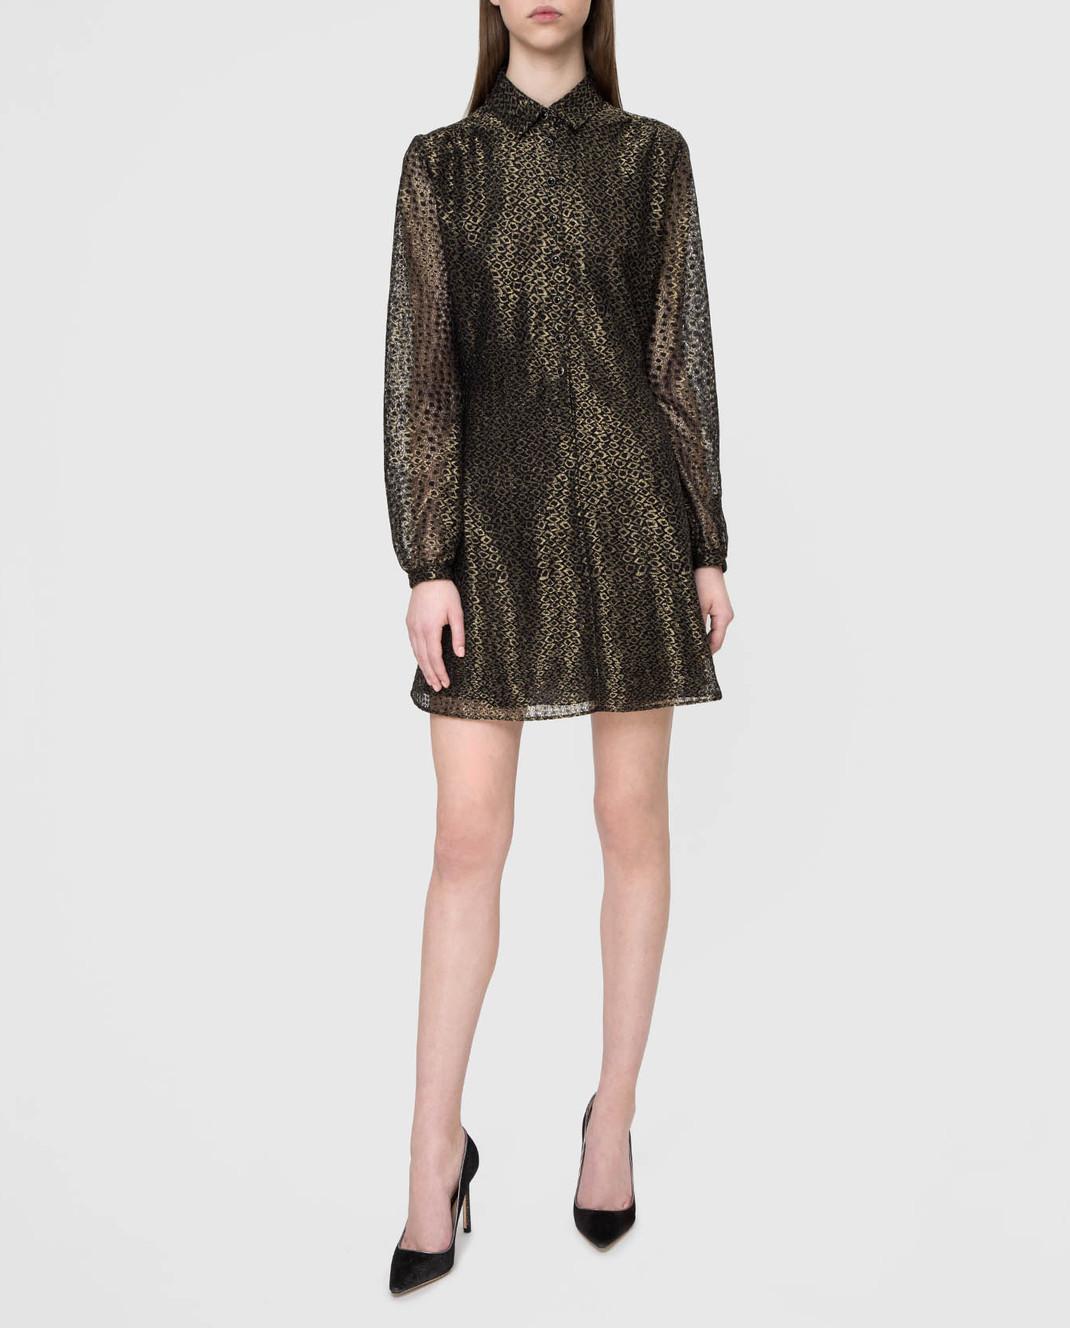 Saint Laurent Золотистое платье изображение 2